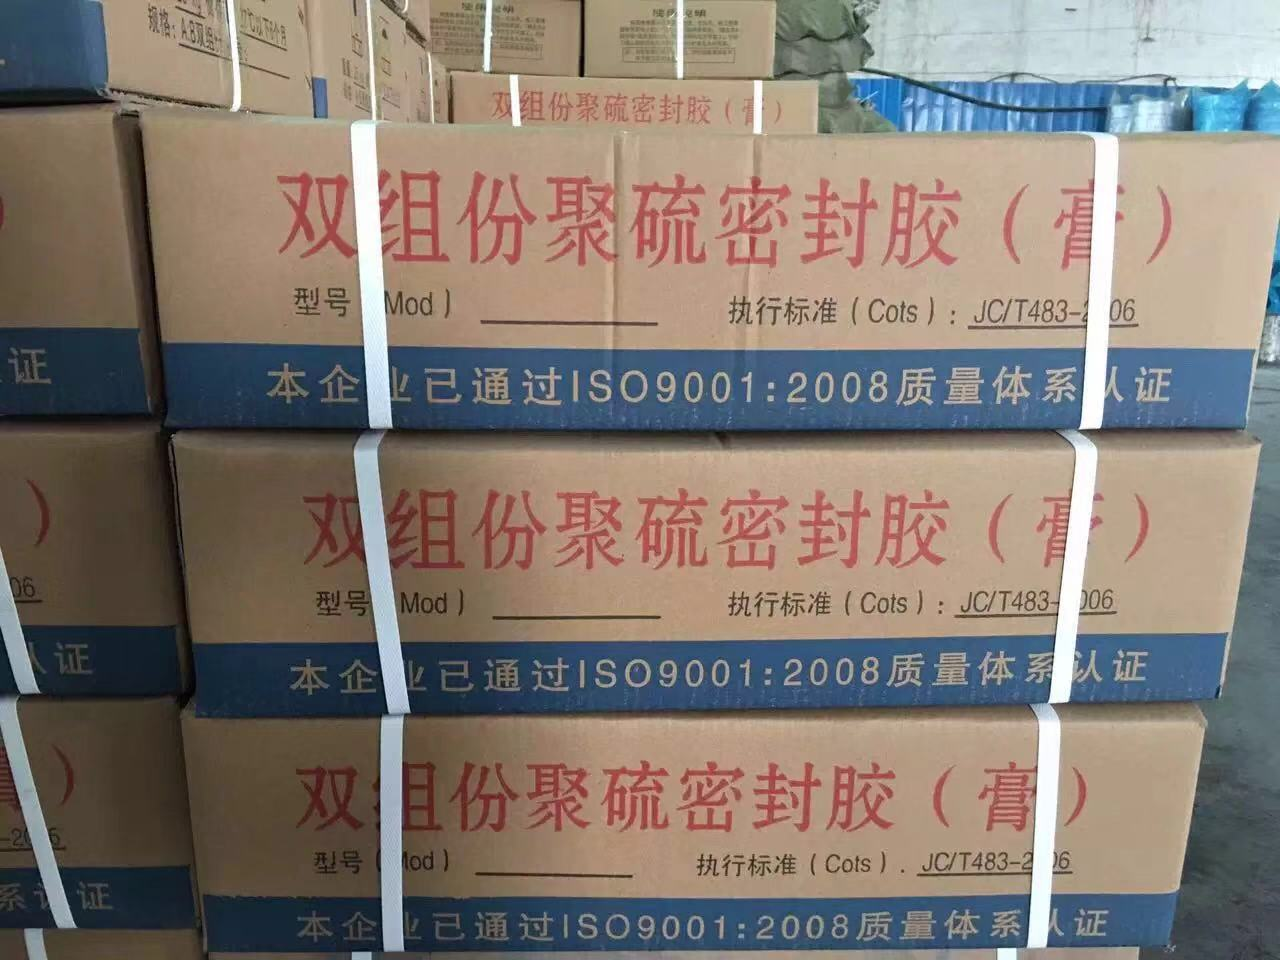 高强度双组份聚硫密封胶的研制和使用